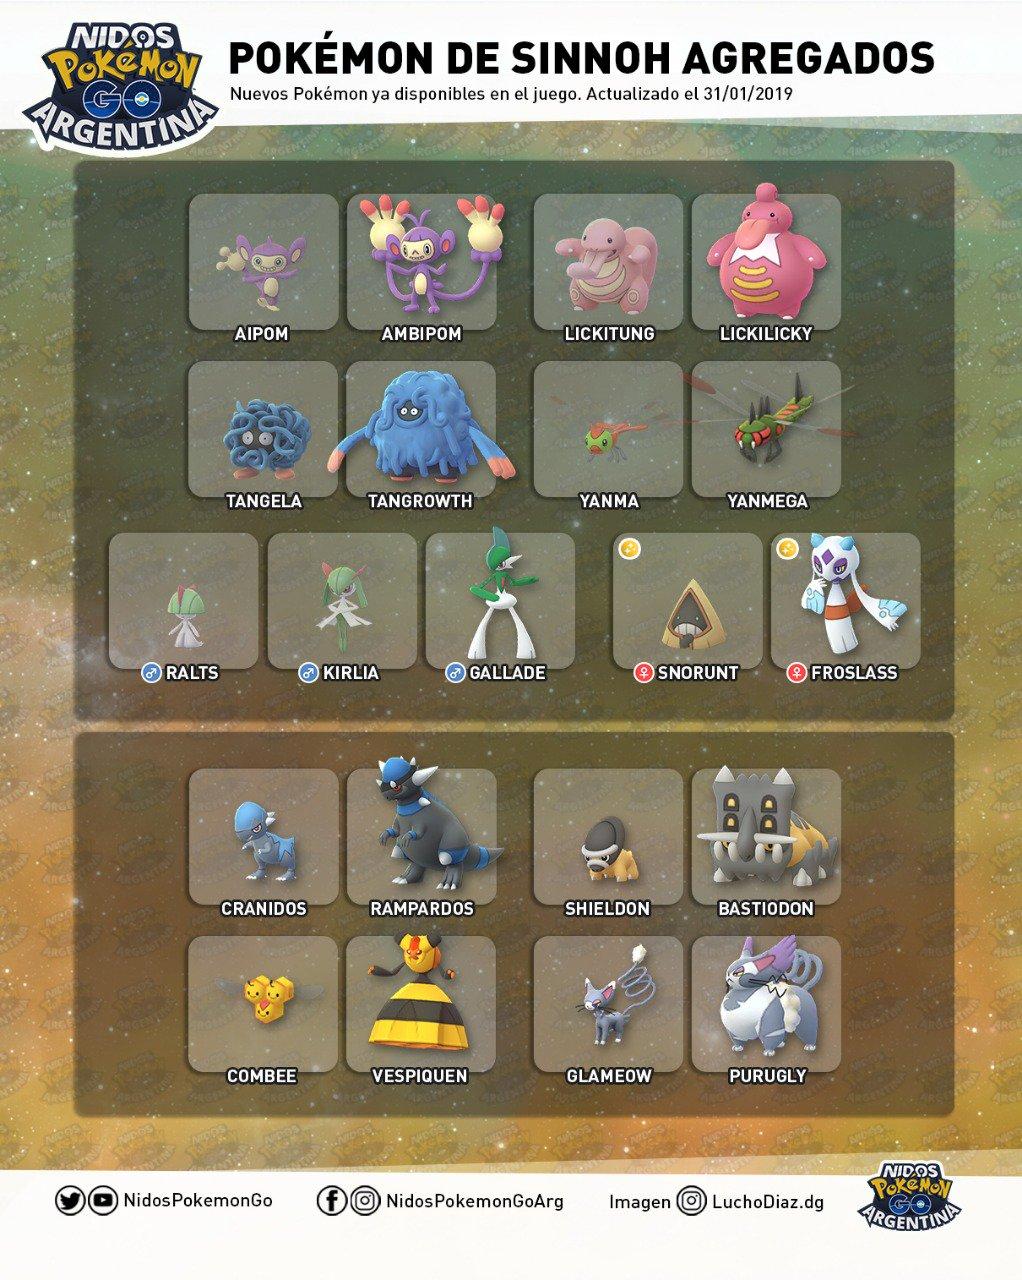 Imagen de las nuevas evoluciones y Pokémon de Sinnoh disponibles en Pokémon GO hecha por Nidos Pokémon GO Argentina